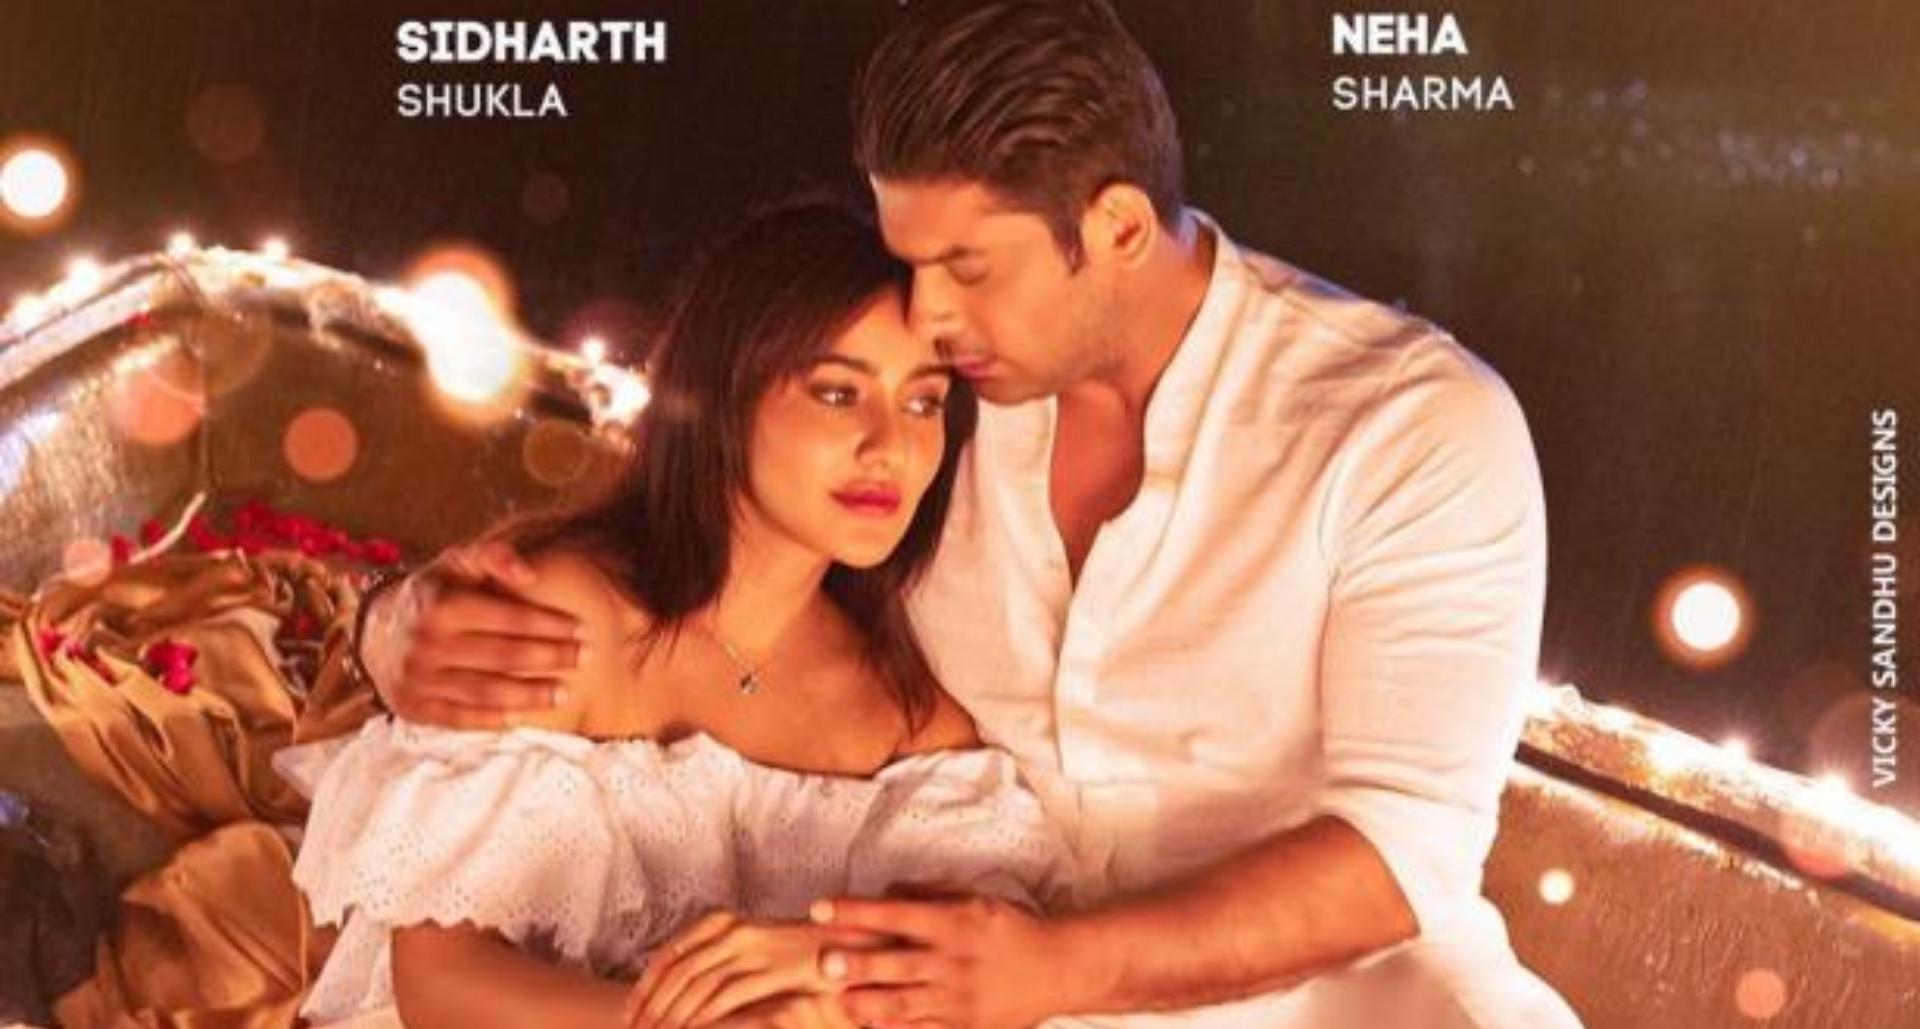 सिद्धार्थ शुक्ला और नेहा शर्मा की रोमांटिक केम्सिट्री तो गाने के पोस्टर में ही नज़र आ रही है